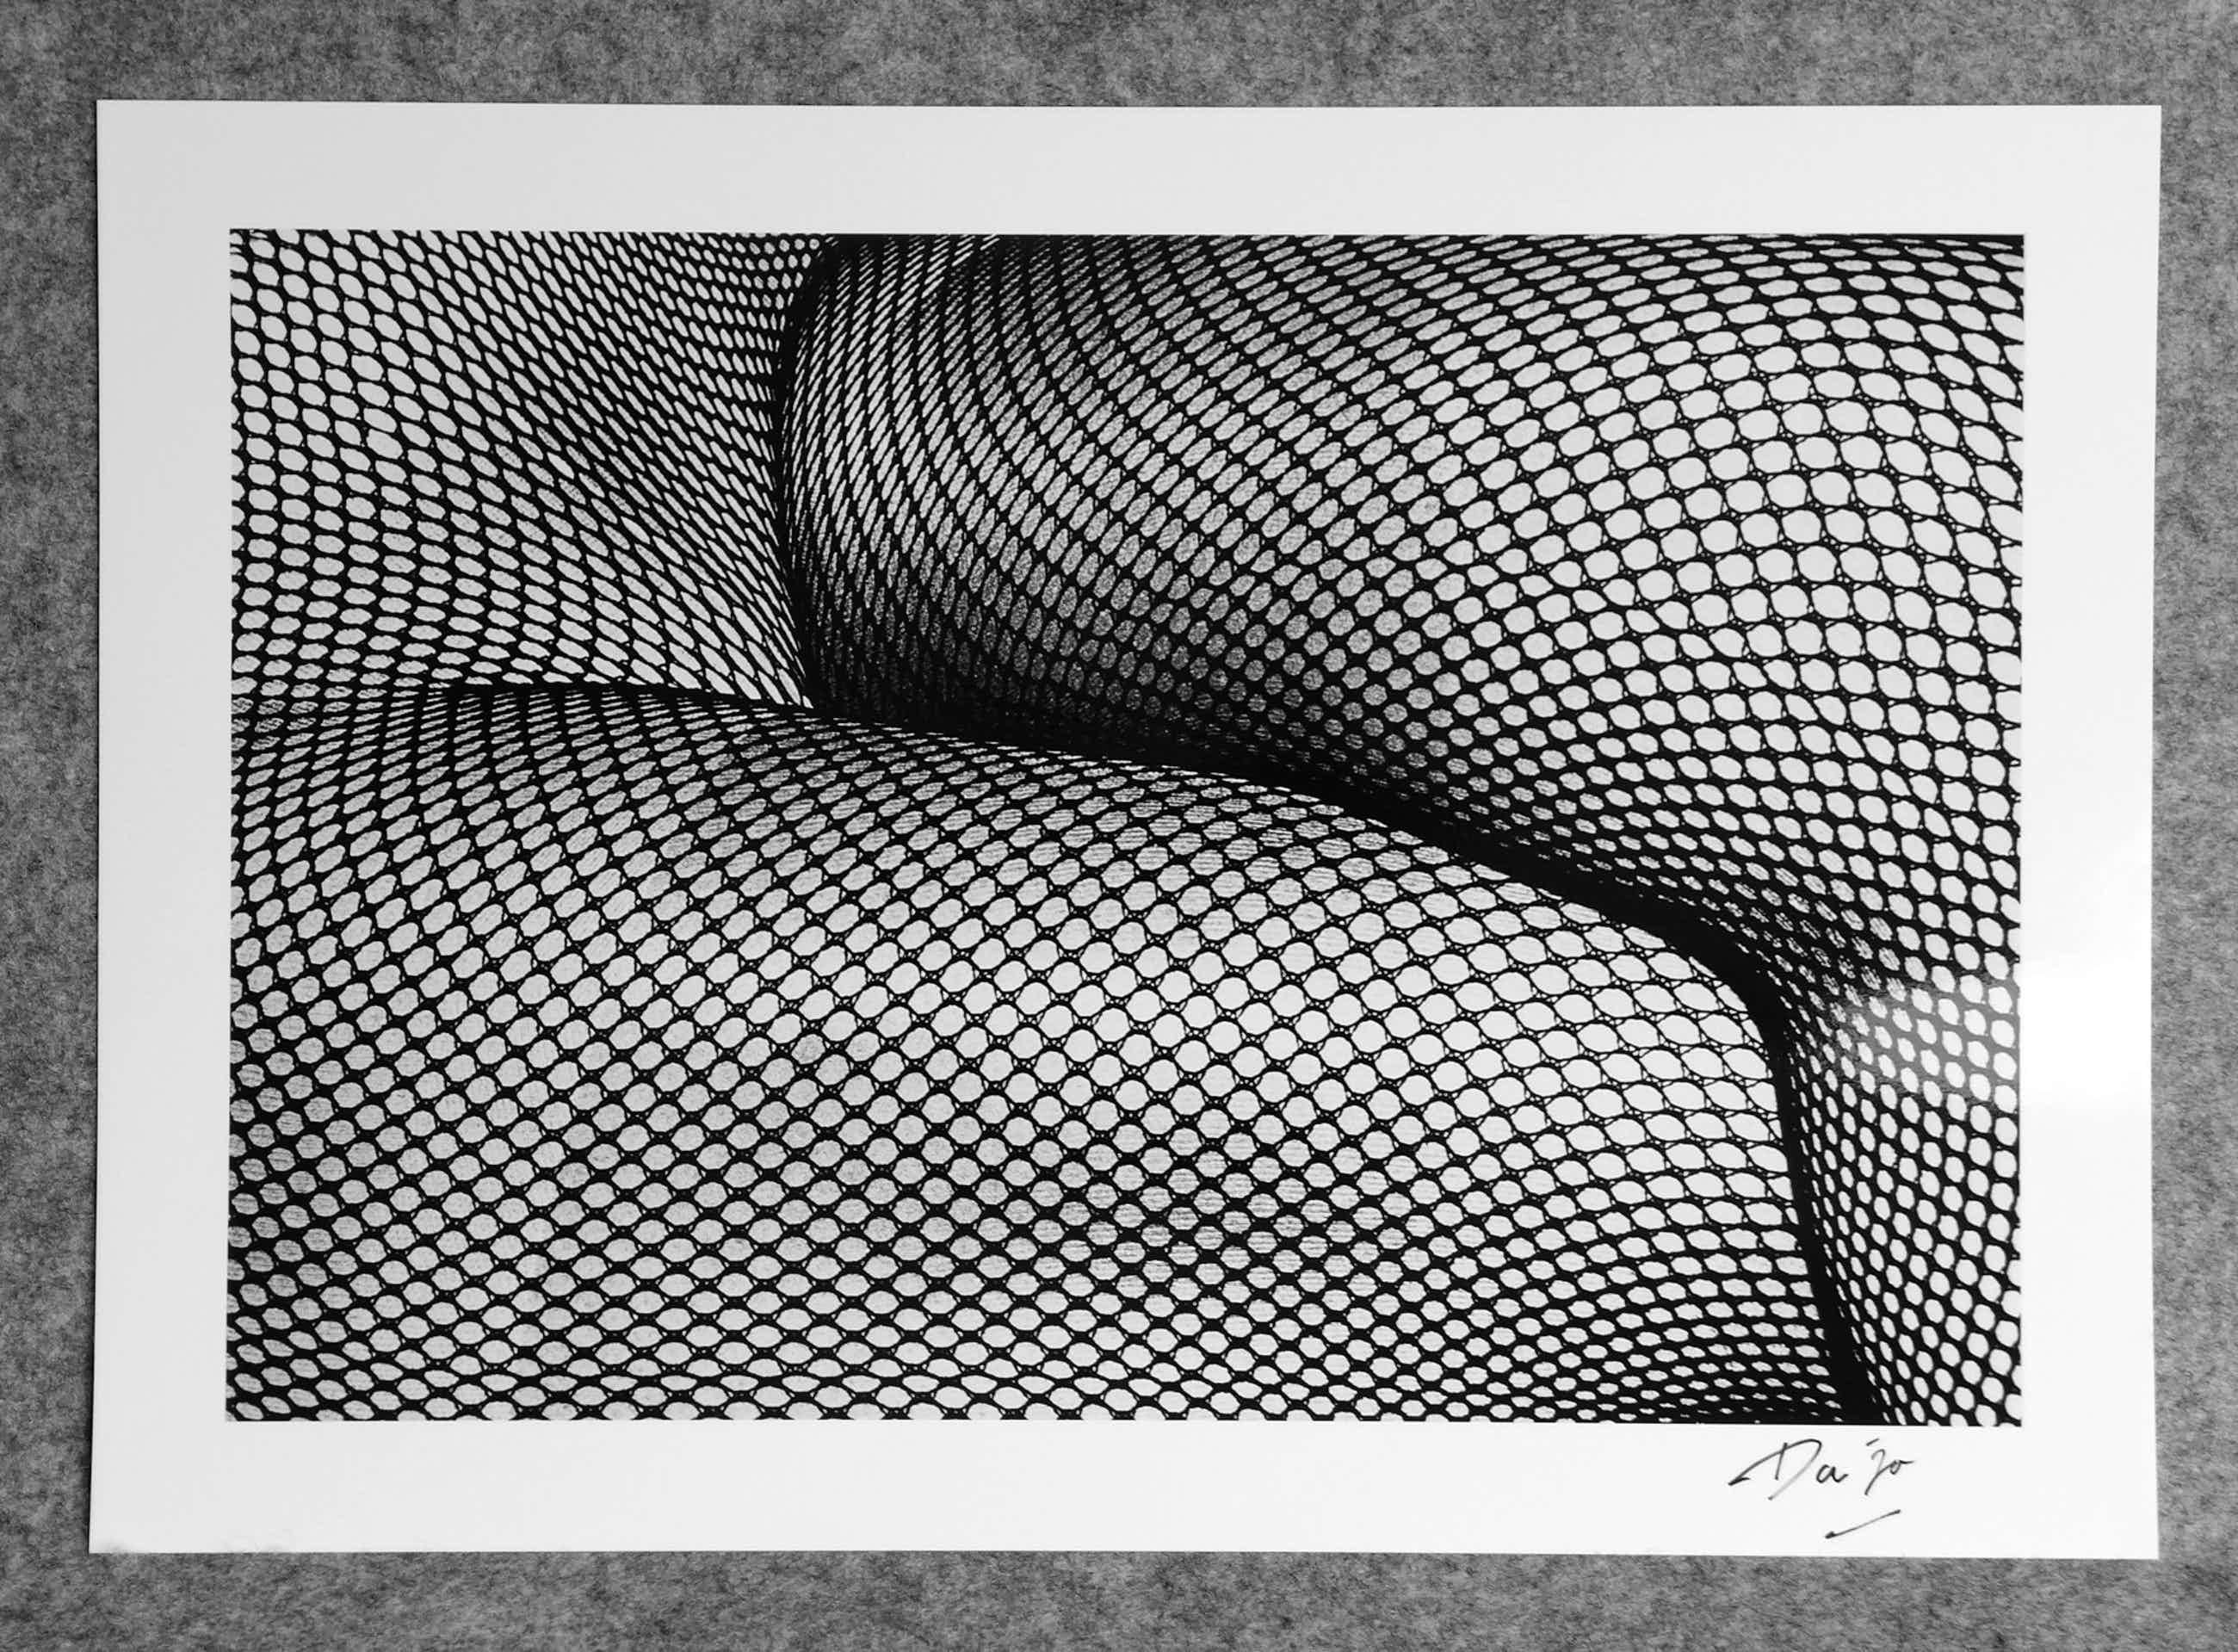 Daido Moriyama - Autogramm auf Fotografie Tights kopen? Bied vanaf 49!